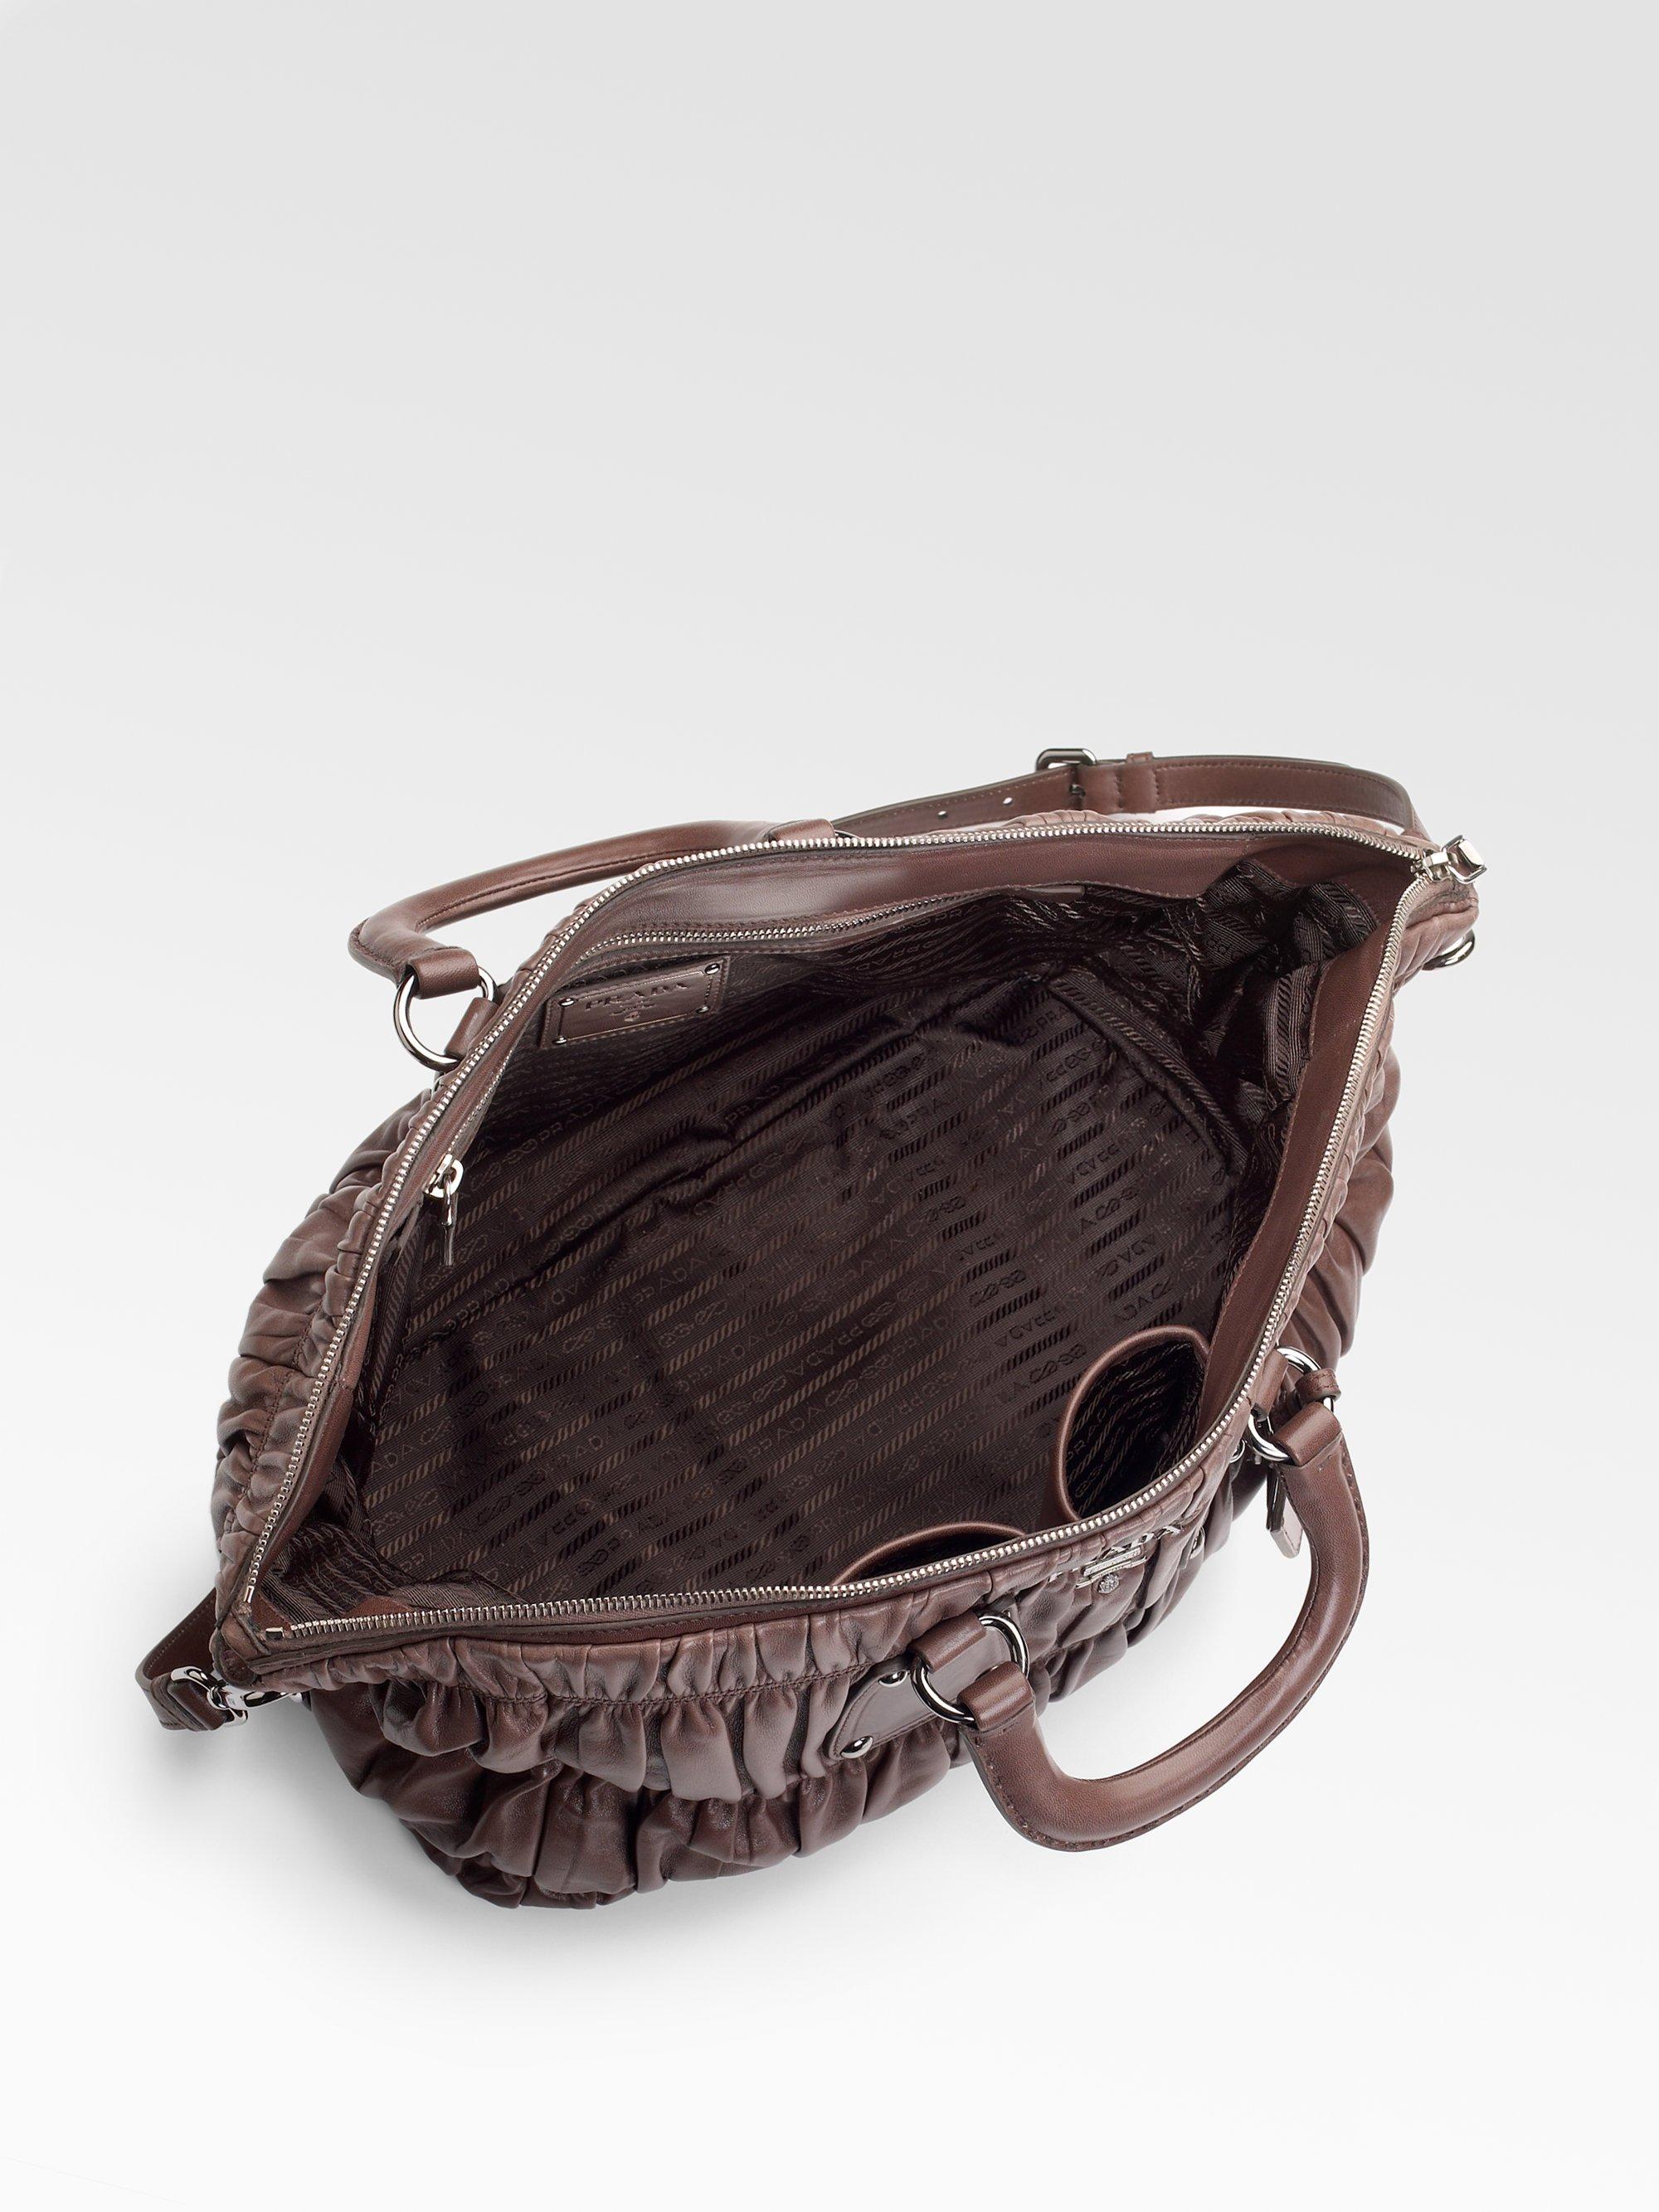 Prada Eastwest Nappa Gaufre Satchel in Brown (dark brown)   Lyst